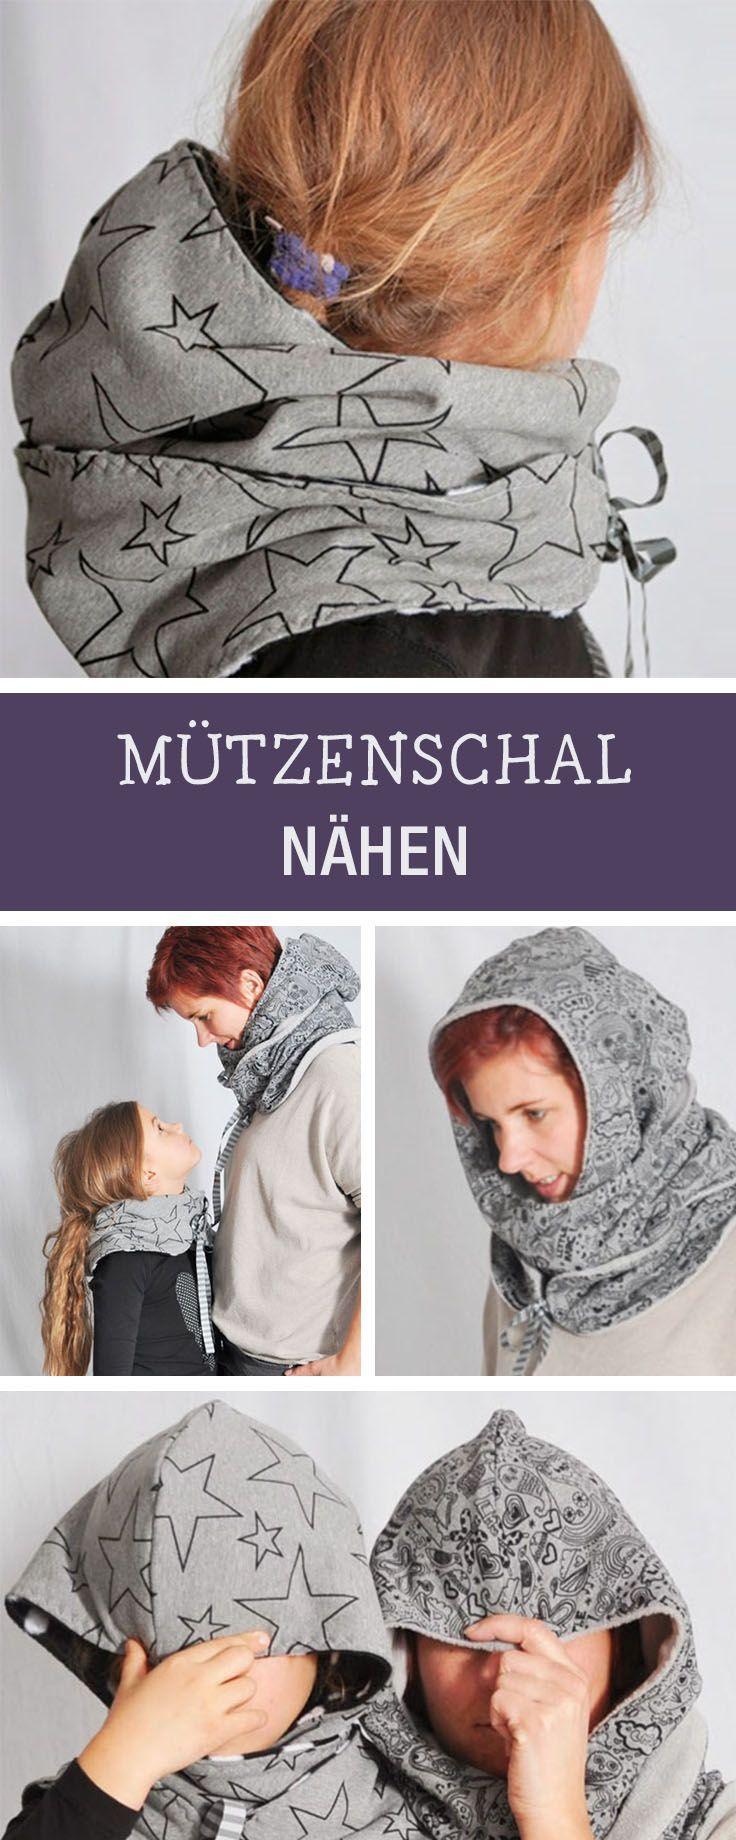 DIY-Anleitung: Mützenschal nähen via DaWanda.com | Pinterest ...